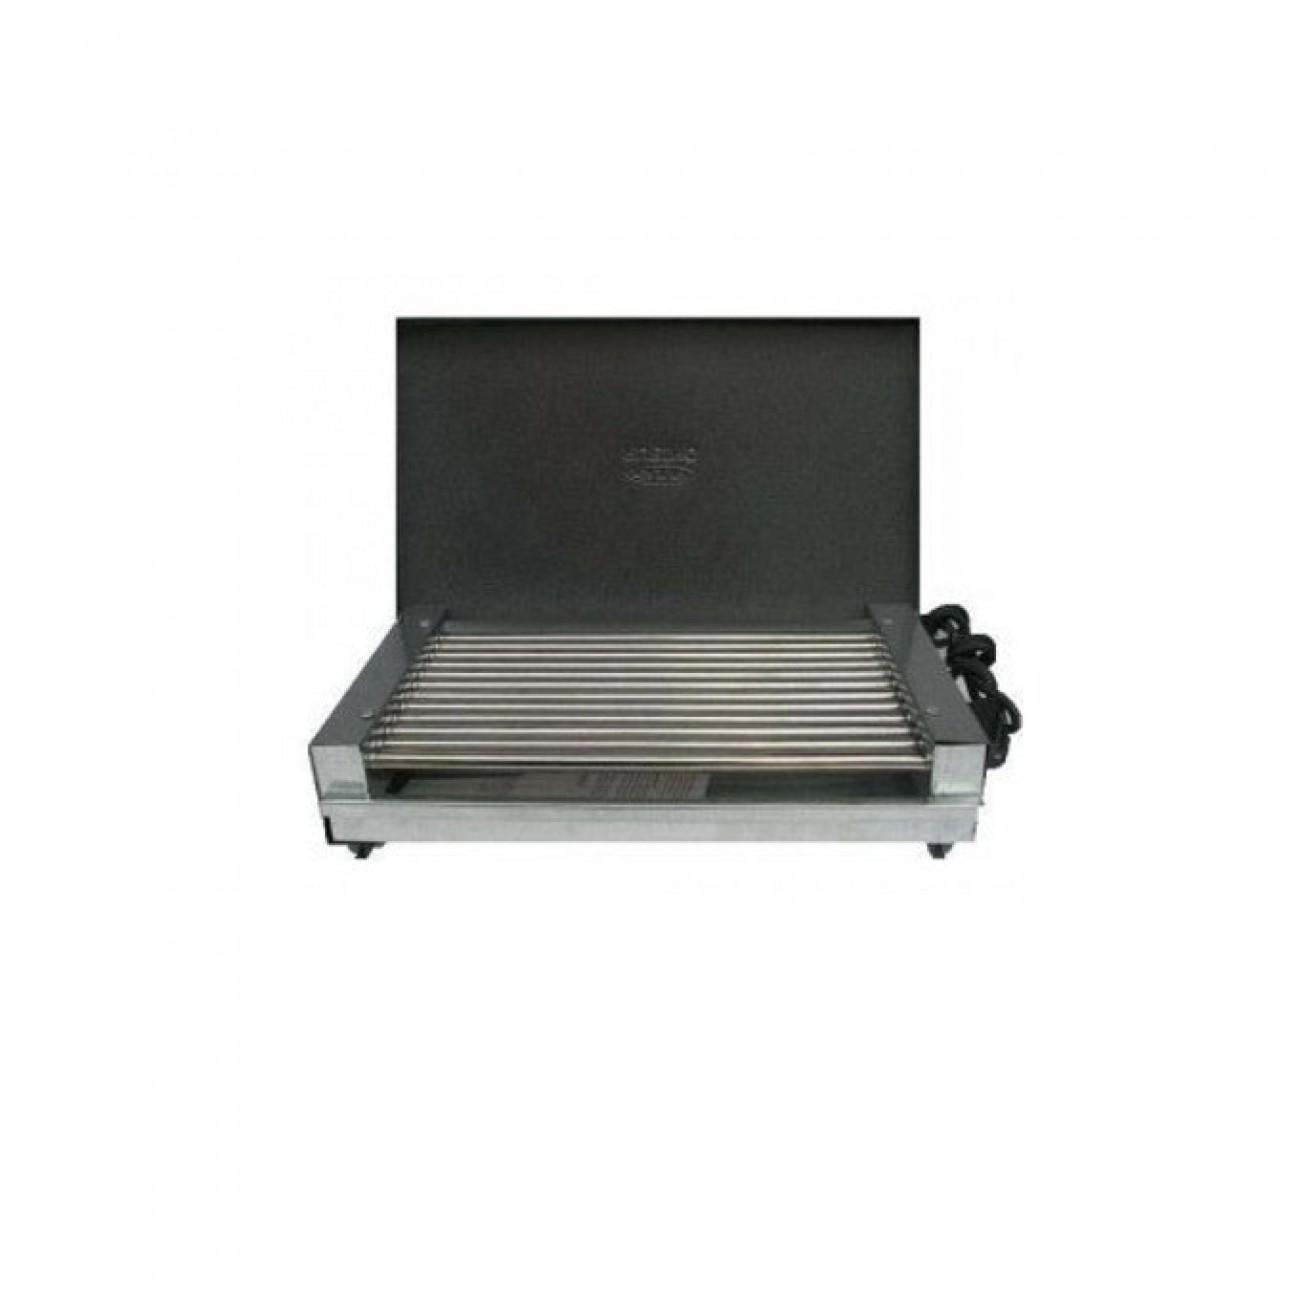 Скара Рубино 1600 С КАПАК, мощност 1600 W в Електрически скари - Rubino   Alleop